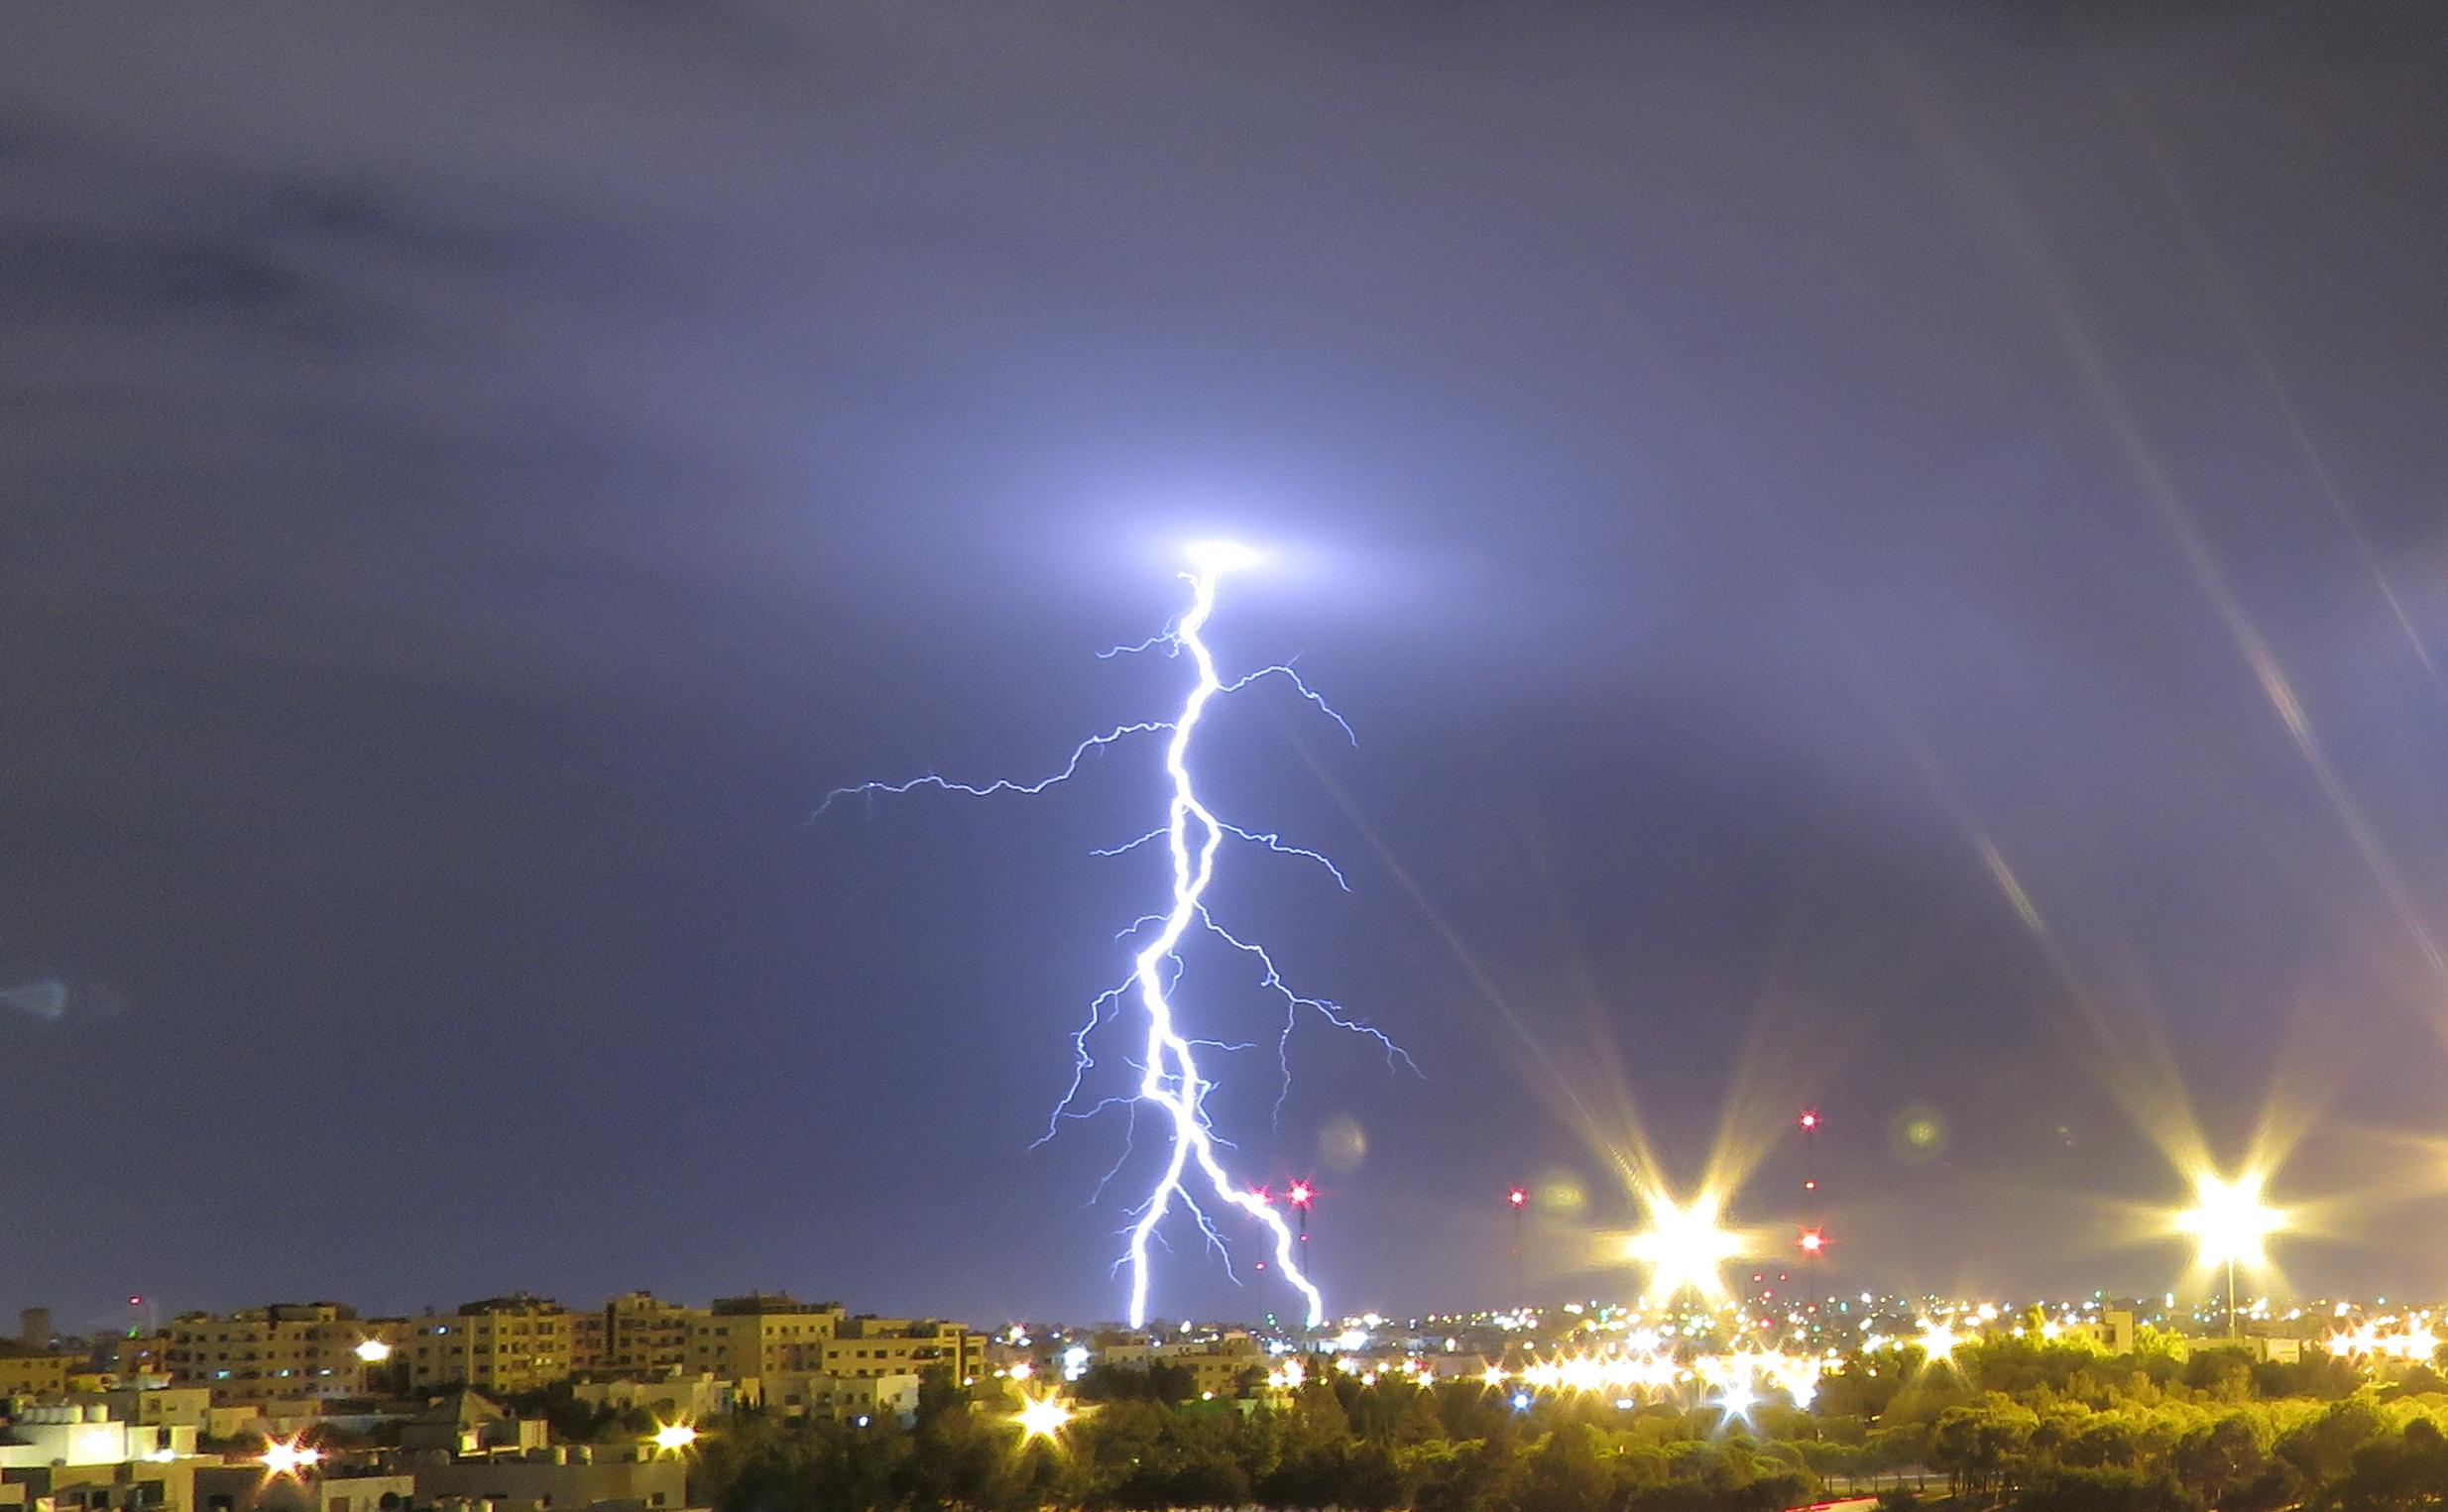 البرق في عمان -تصوير عمر الدجاني